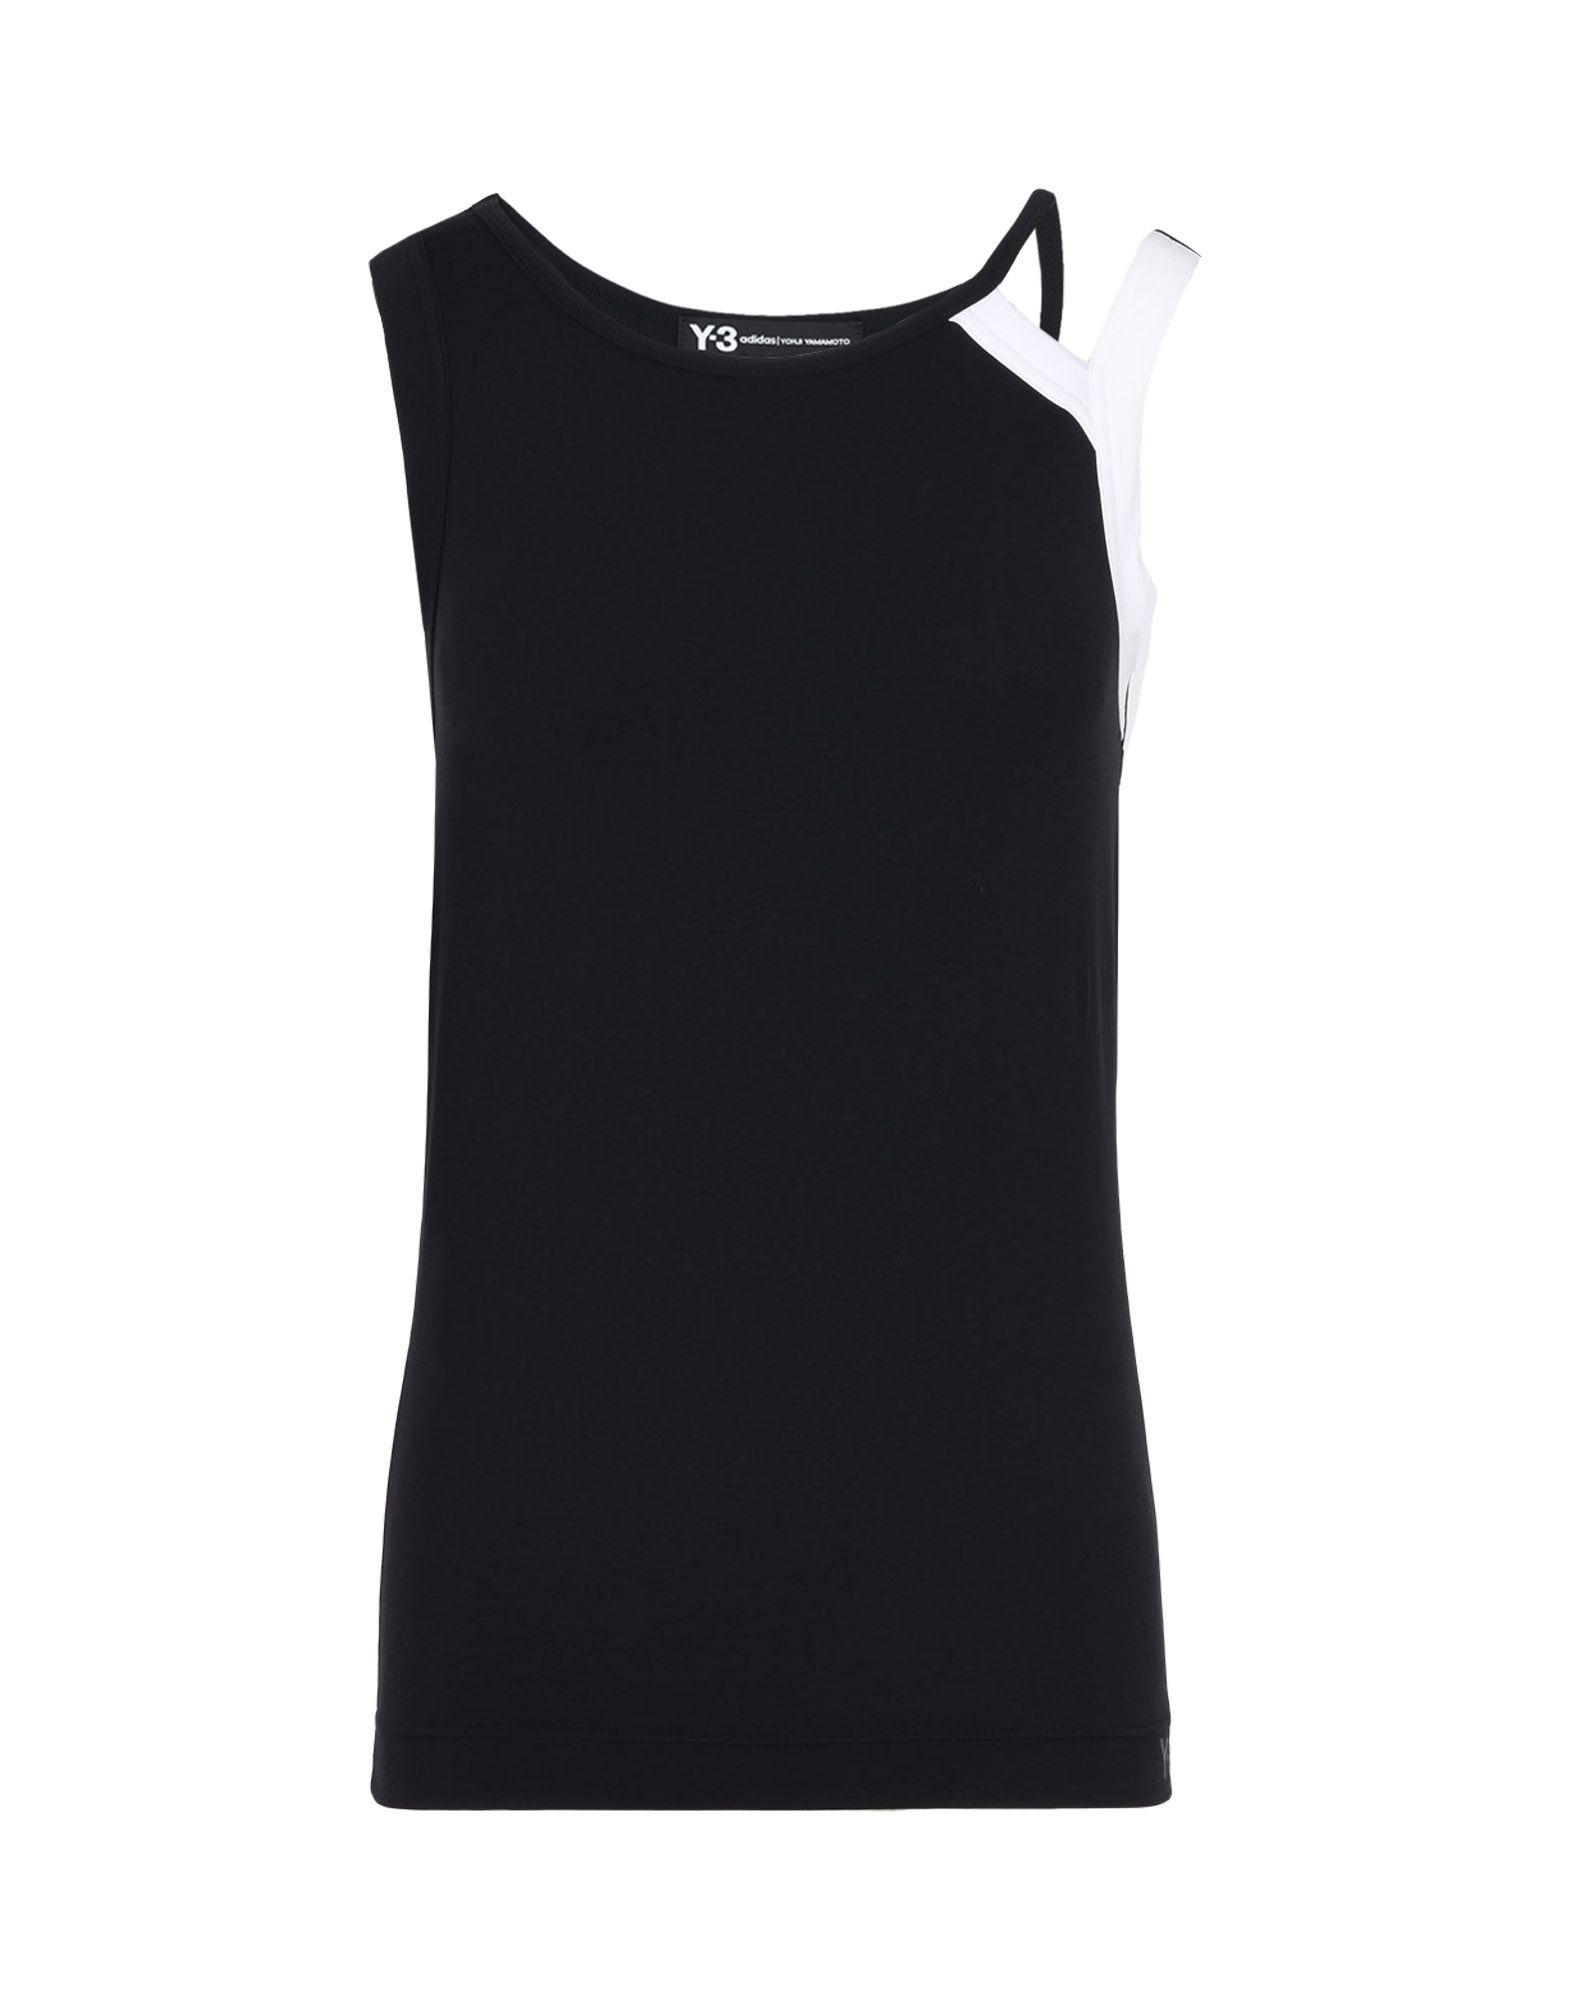 4b79ea47  Y 3 JERSEY LOGO TANK Tops | Adidas Y-3 Official Site